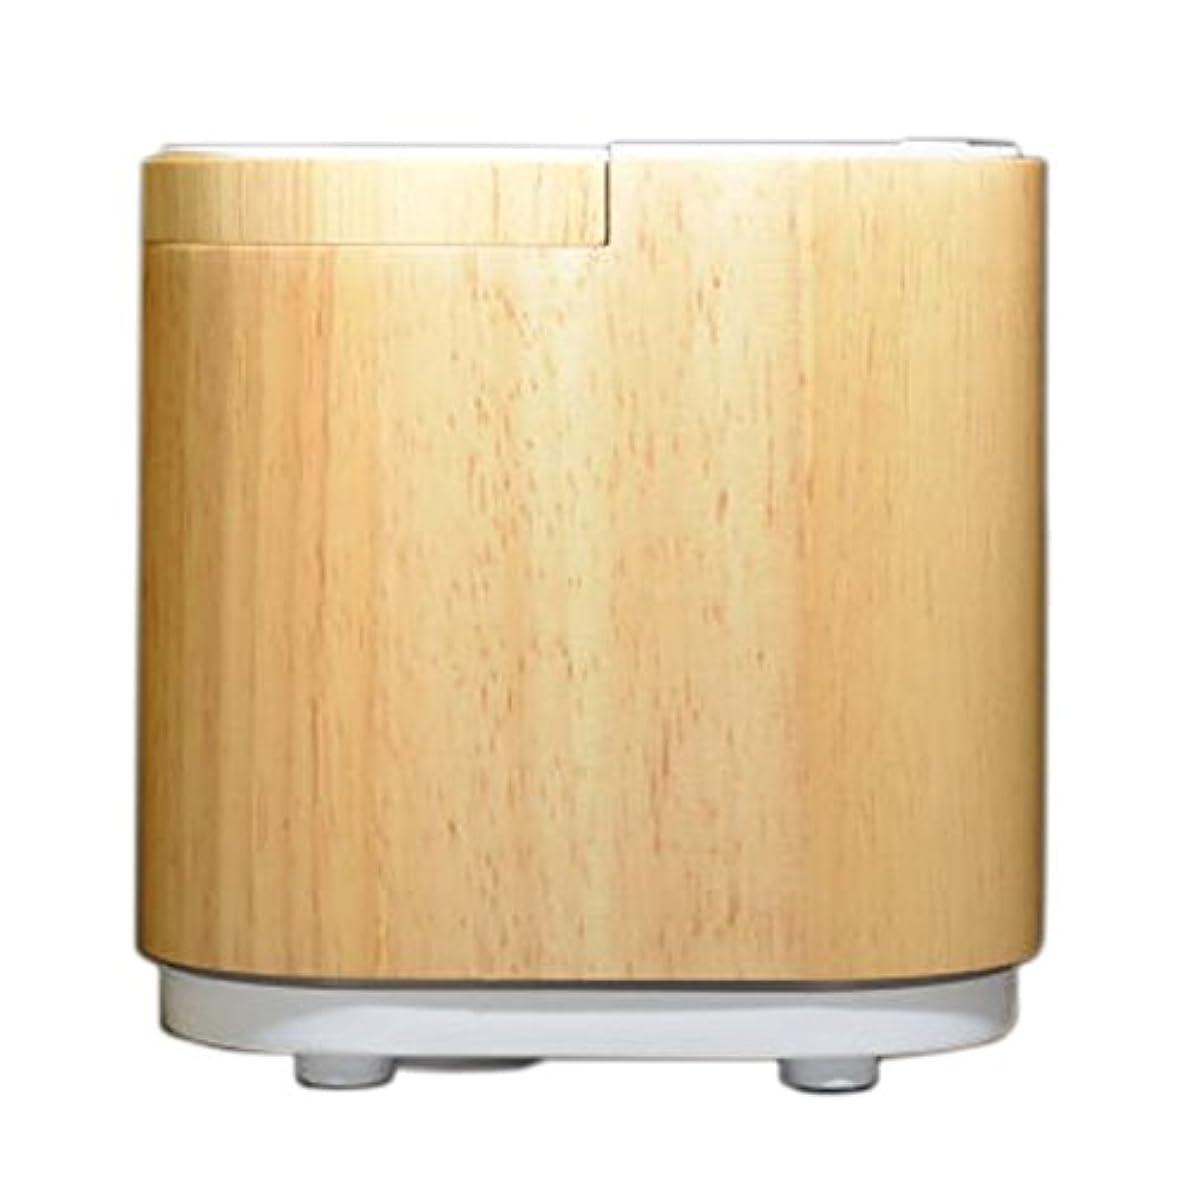 受ける引き受ける物思いにふける生活の木 アロモアウッド [aromore] エッセンシャルオイルディフューザー アロマディフューザー